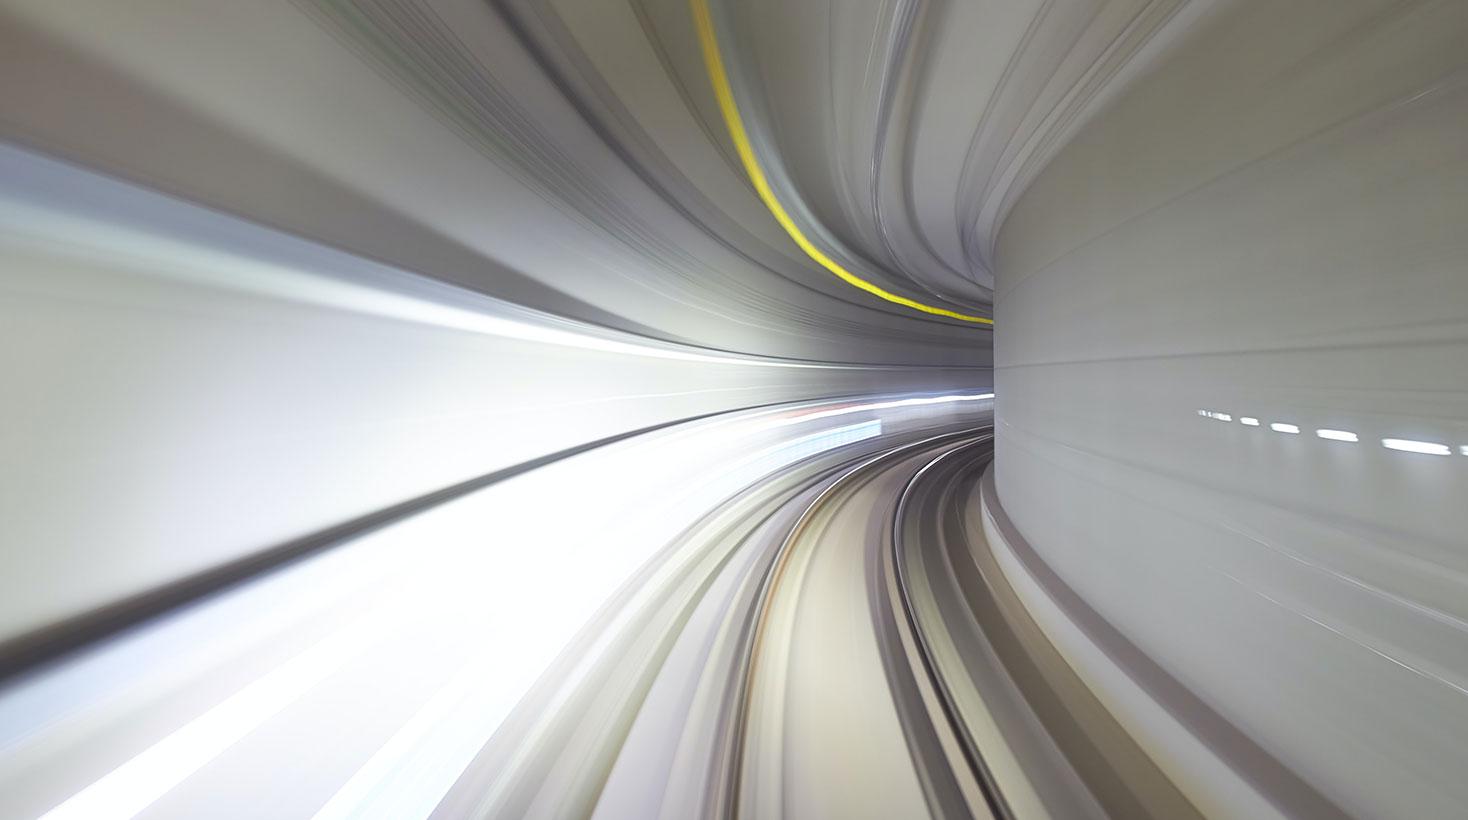 Velocidad de adaptación y transformación del ecosistema.